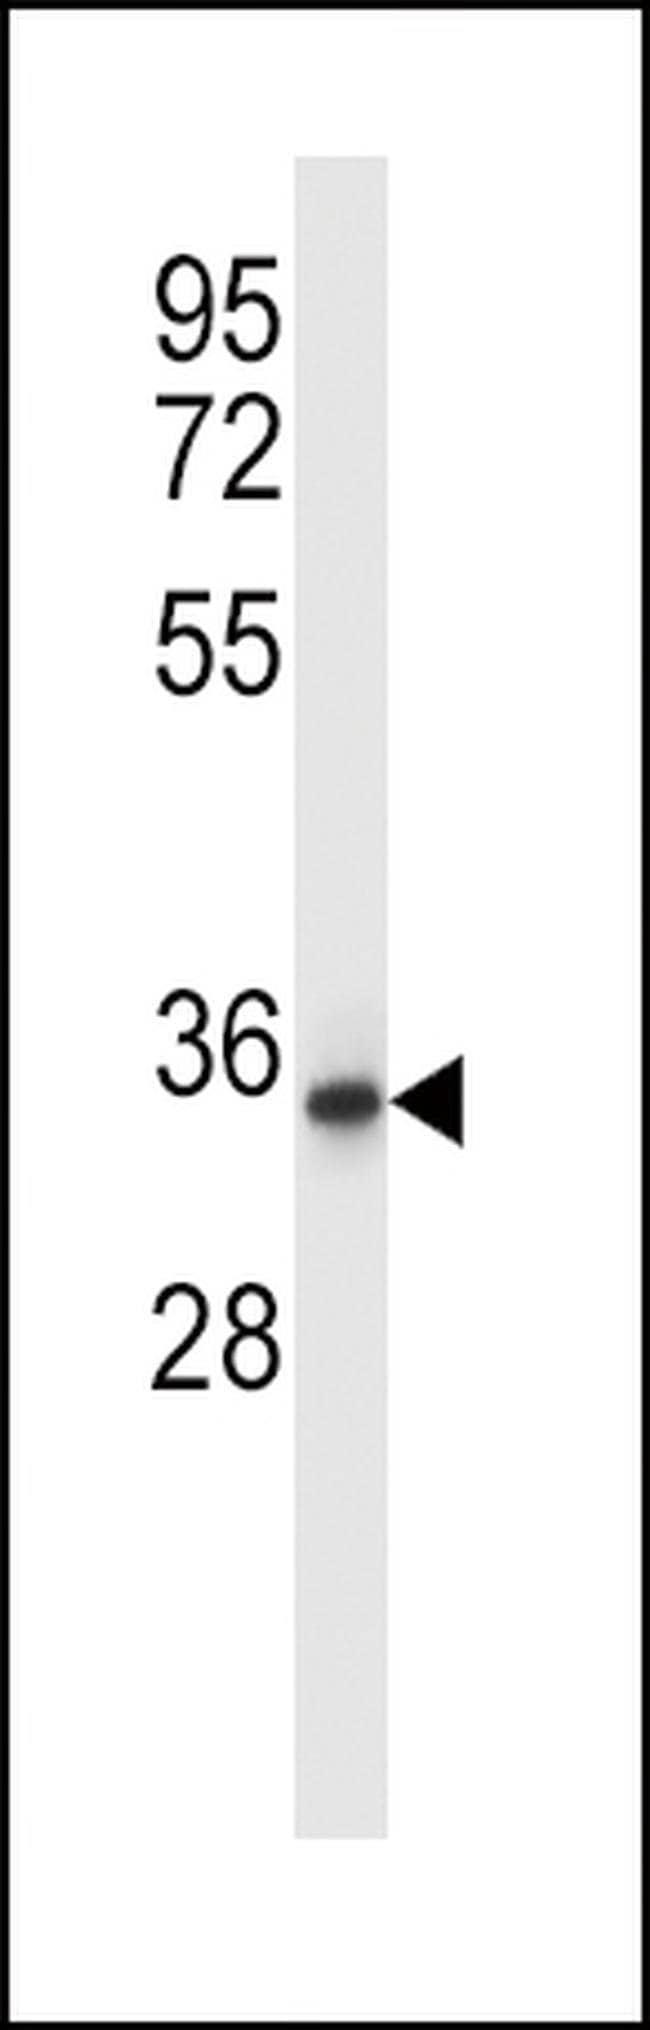 QPRT Rabbit anti-Human, Polyclonal, Invitrogen 400 µL; Unconjugated